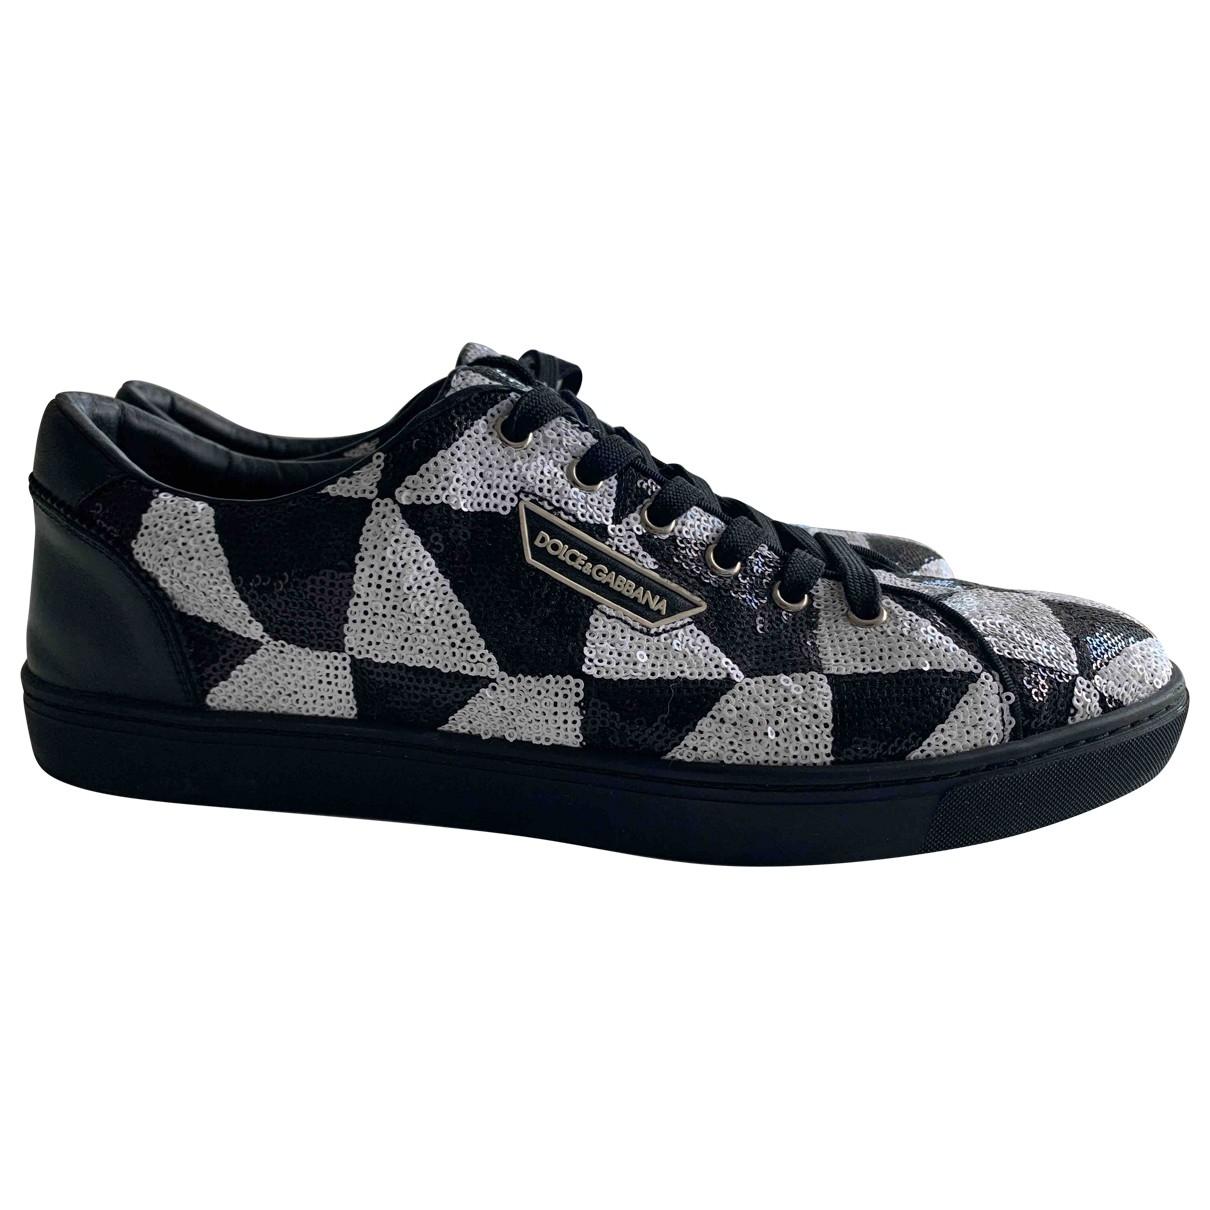 Dolce & Gabbana \N Sneakers in  Bunt Mit Pailletten